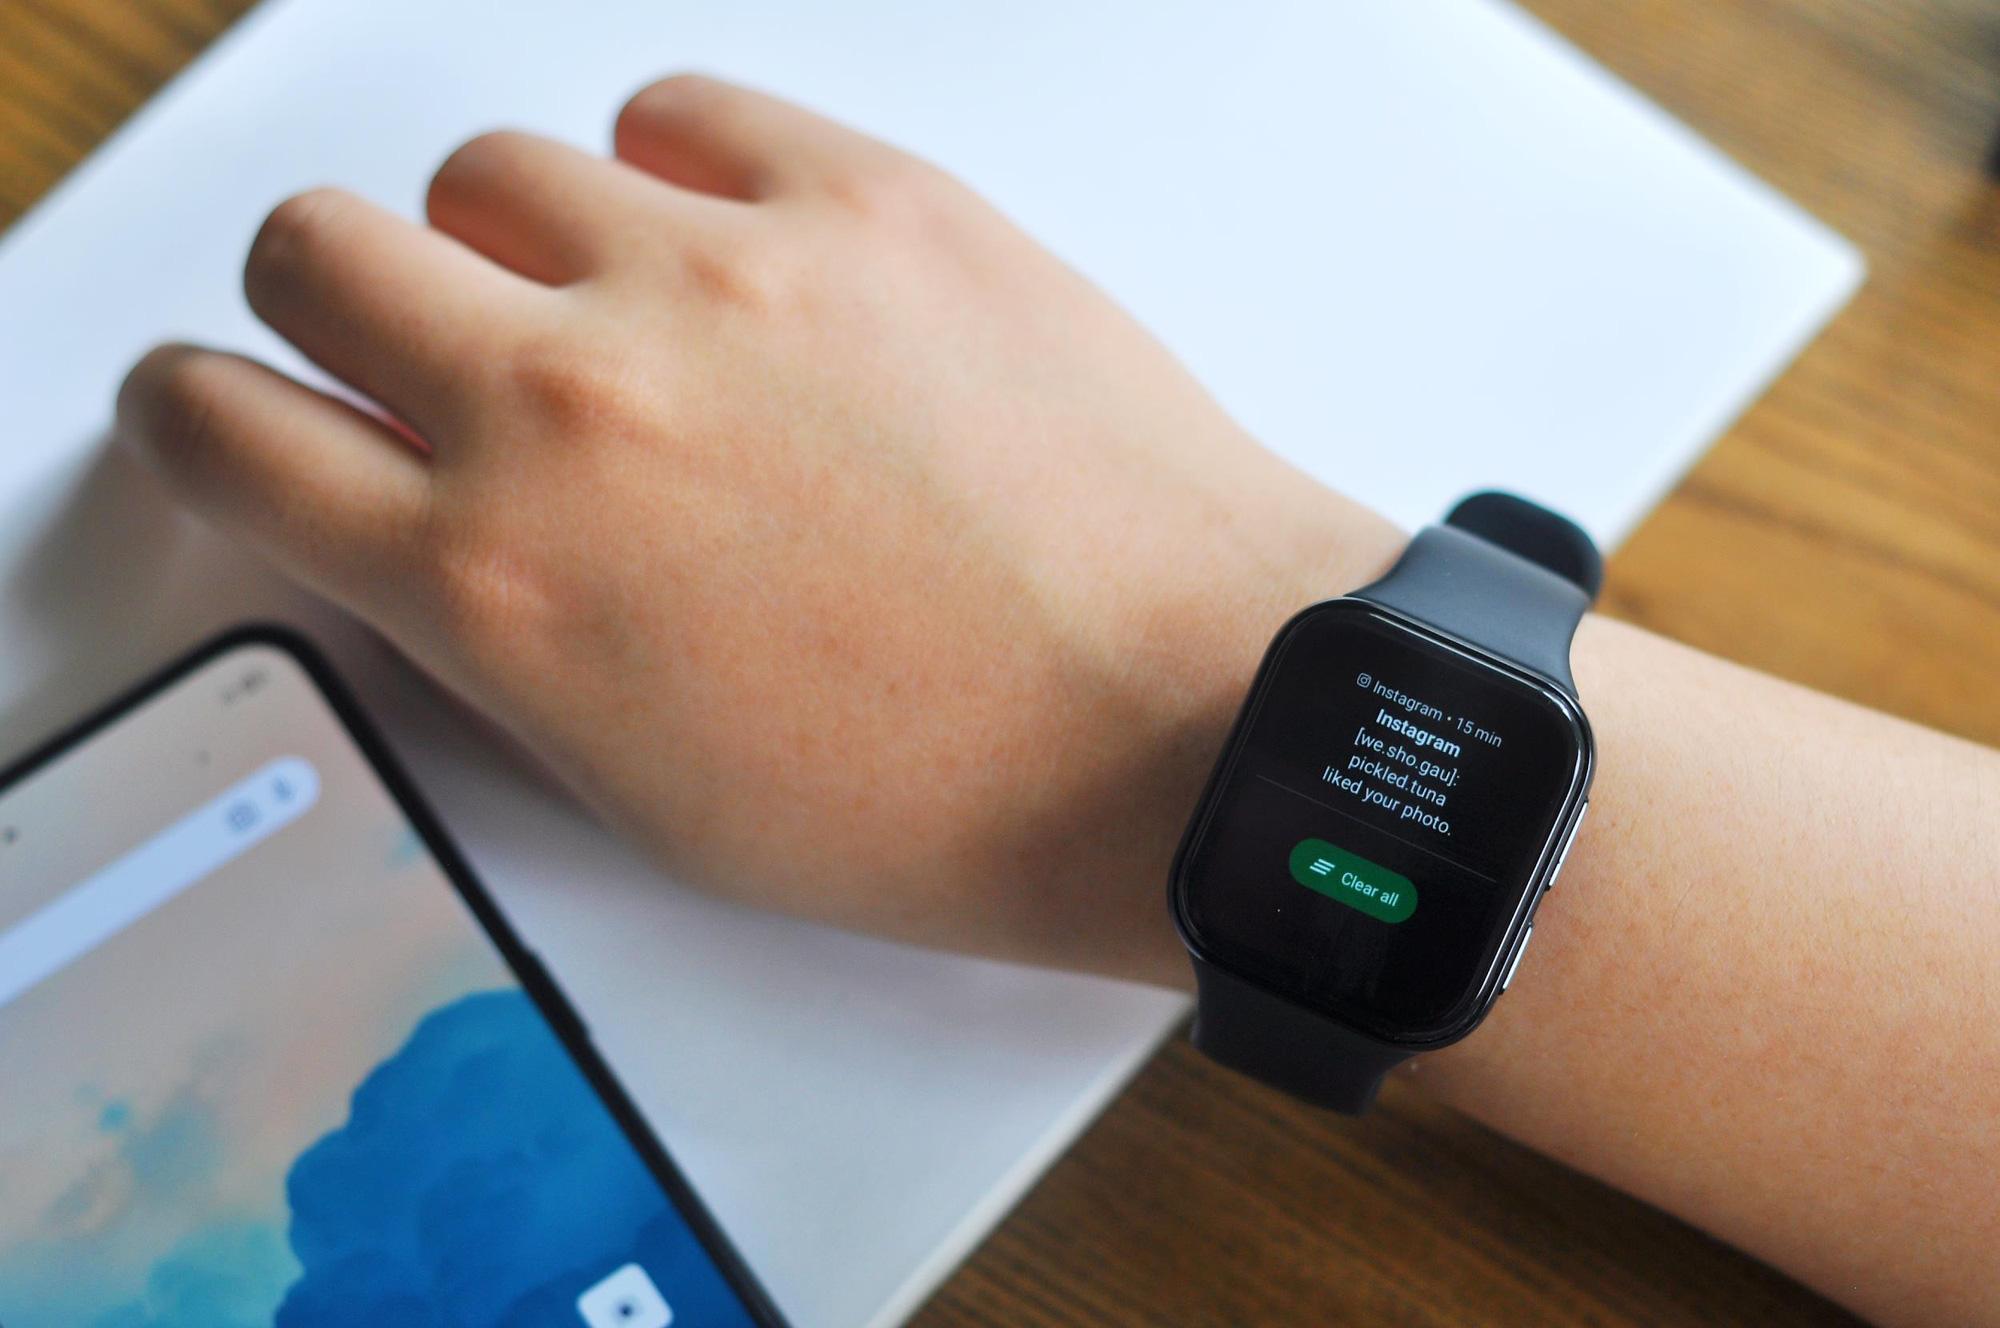 Thiết kế tinh tế, tính năng ấn tượng: OPPO Watch mang đến nhiều lợi ích hơn bạn nghĩ! - Ảnh 3.